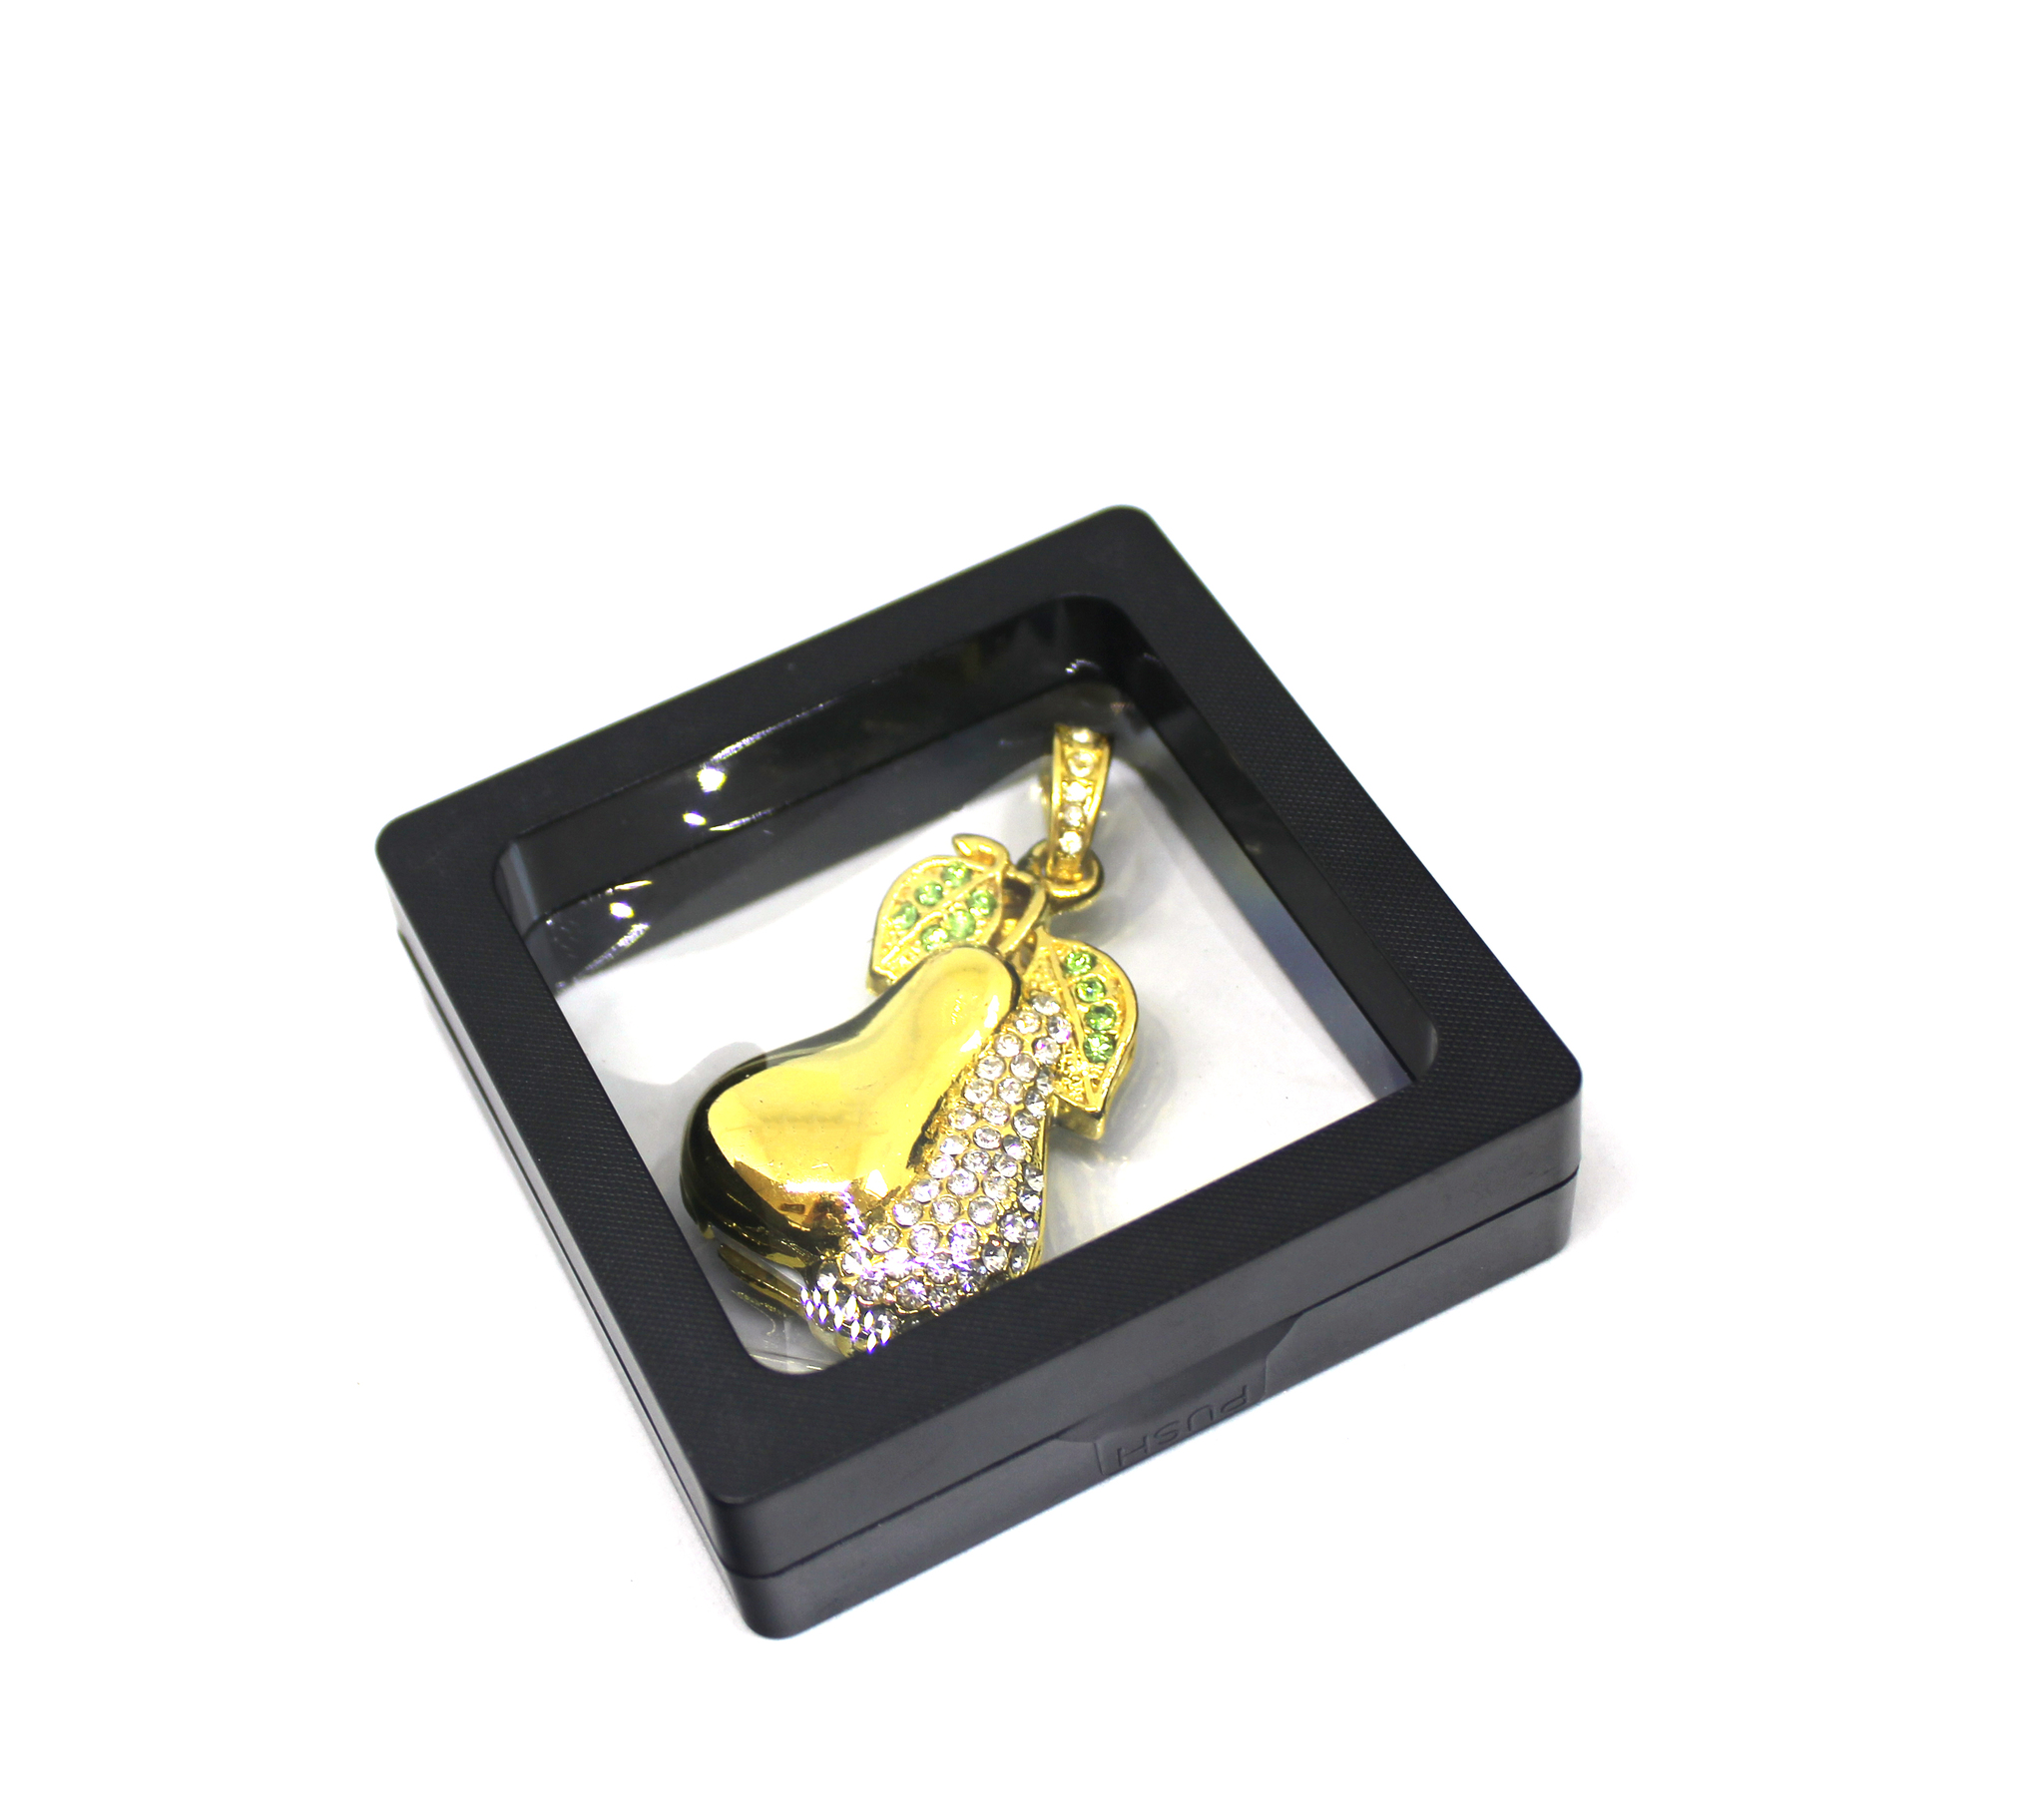 коробка для флешки nanobox mini